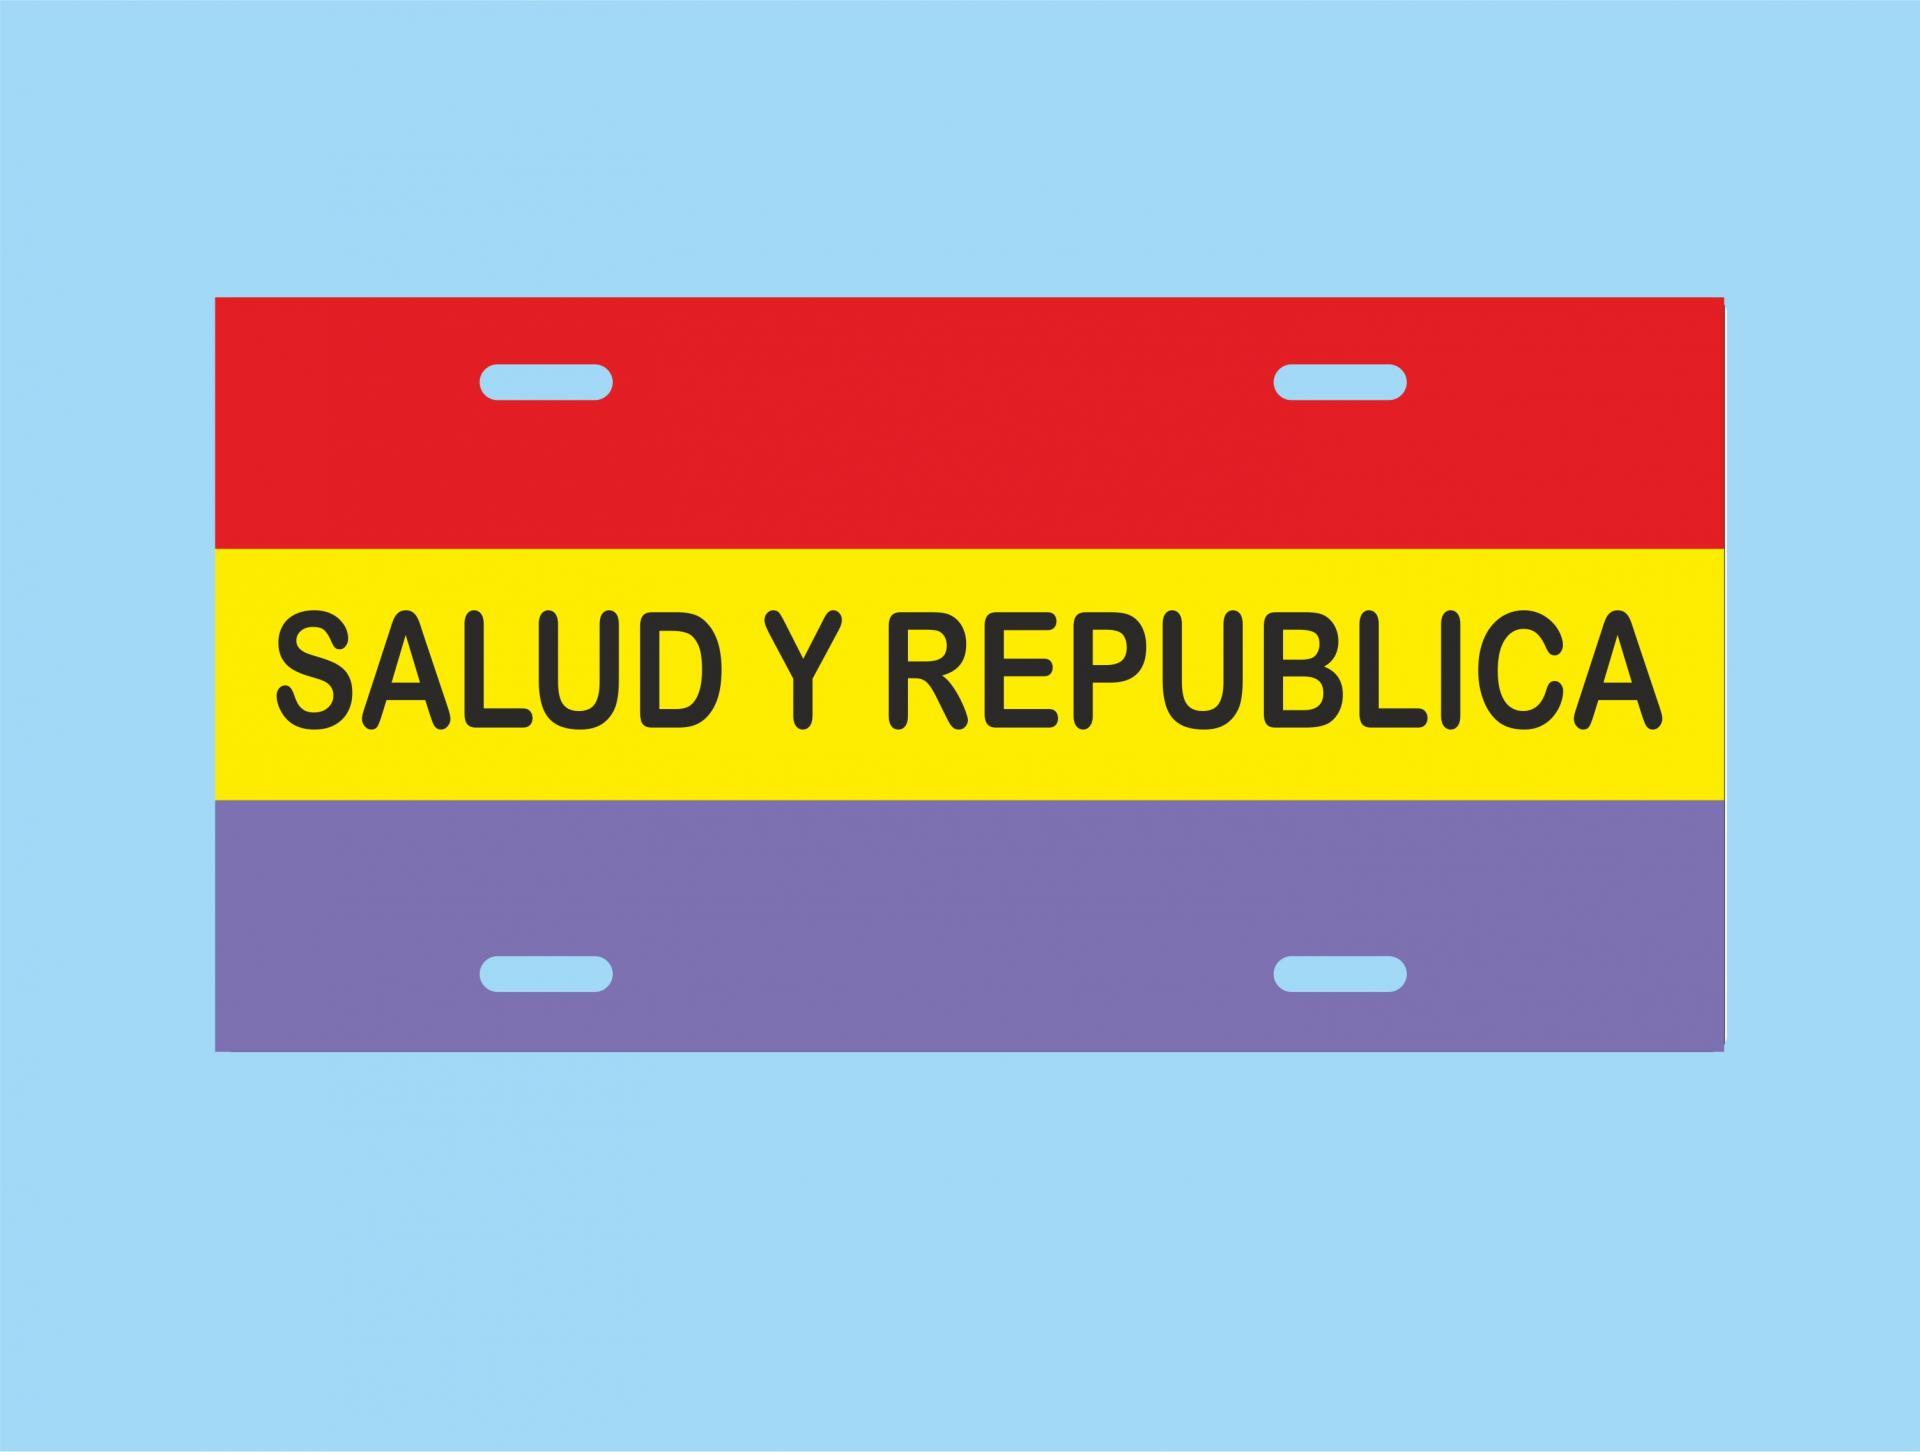 Placa de Metal Salud y República